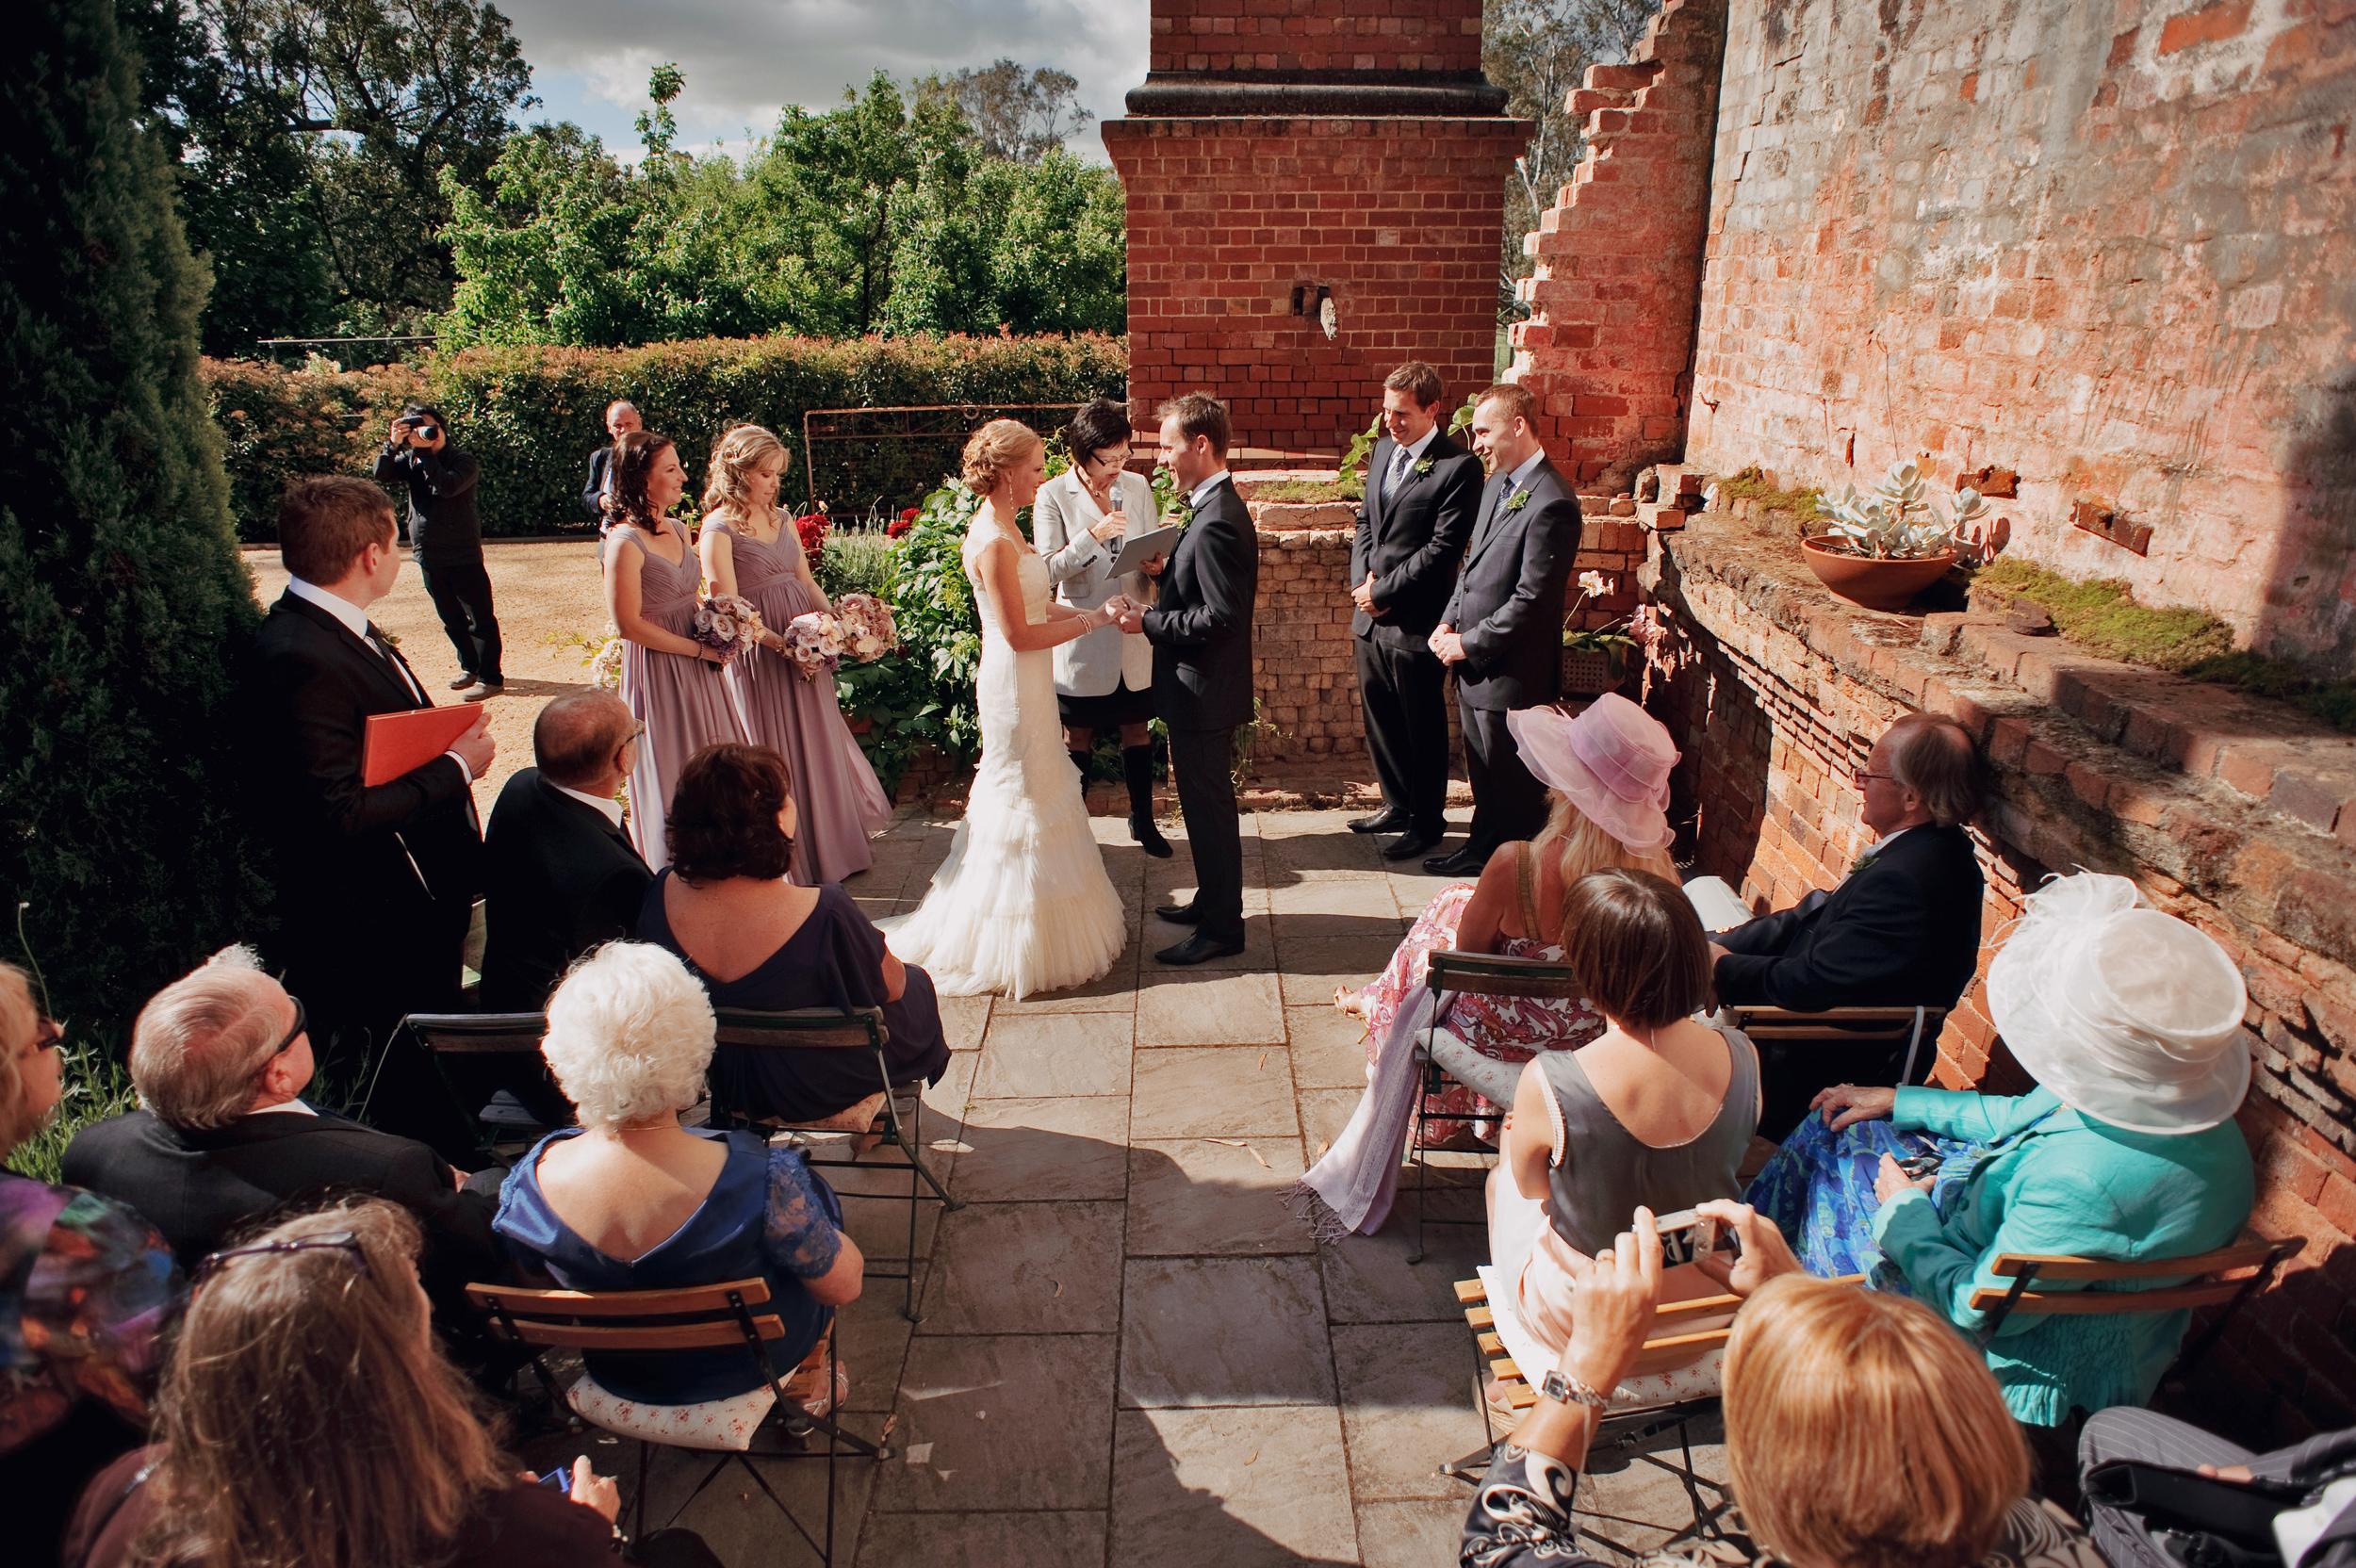 euroa_butter_factory_wedding_photography_65.jpg